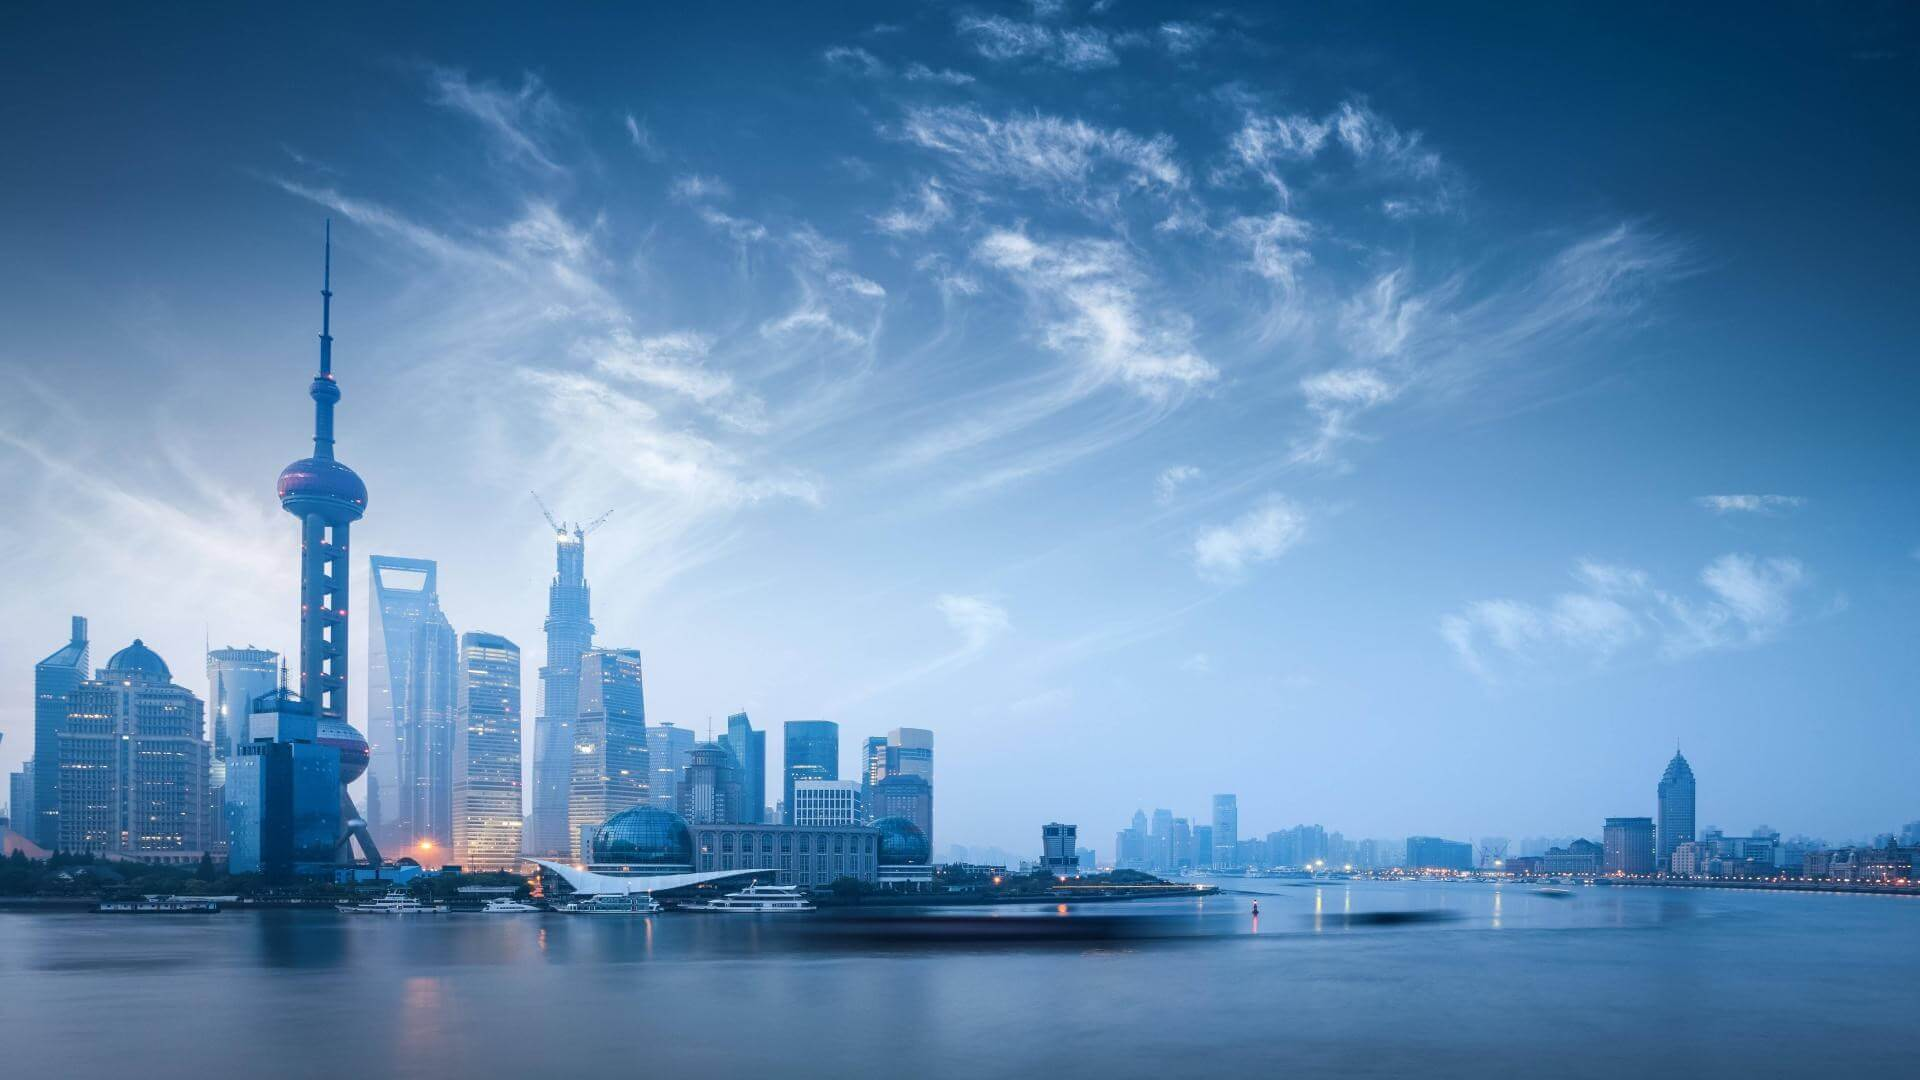 Туры в Китай: стоимость, горящие путевки на двоих, комбинированные и шоппинг туры